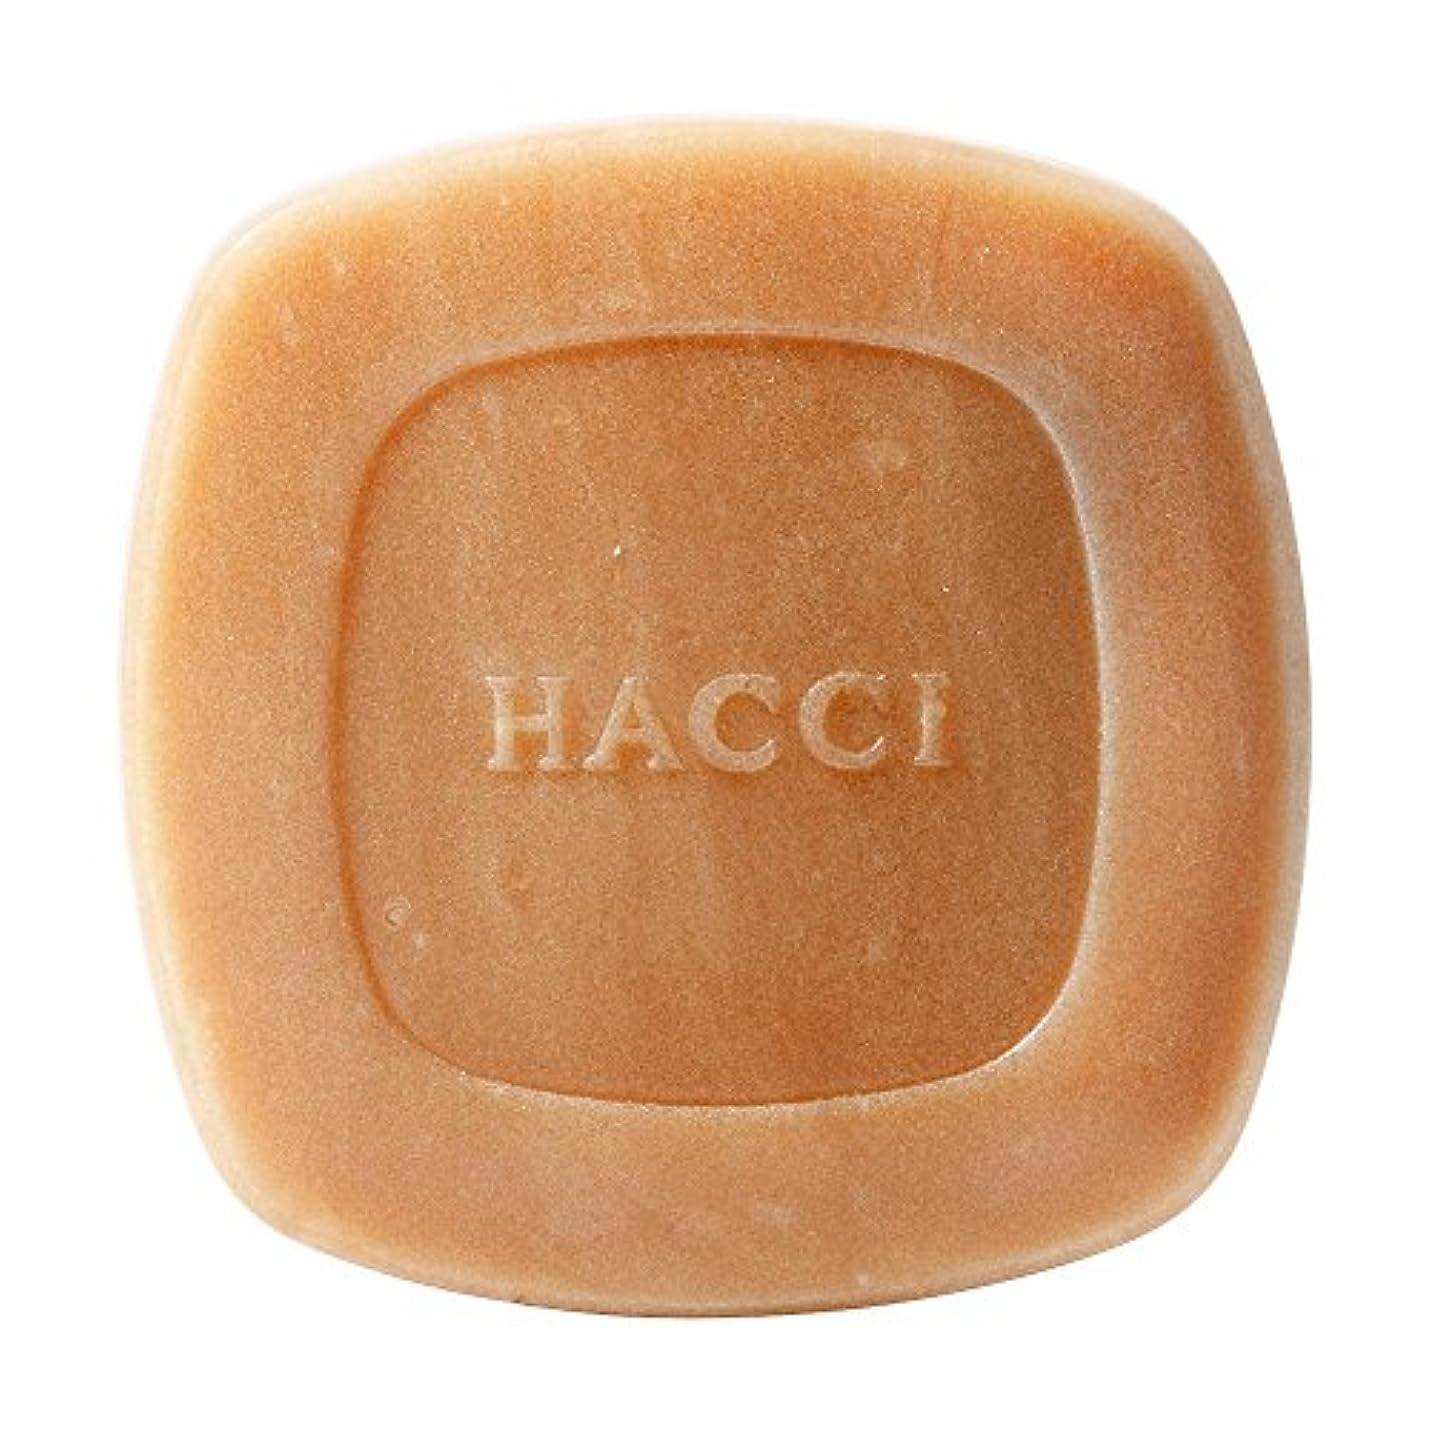 発見するピアノを弾く上にHACCI 1912(ハッチ1912) はちみつ洗顔石けん 80g